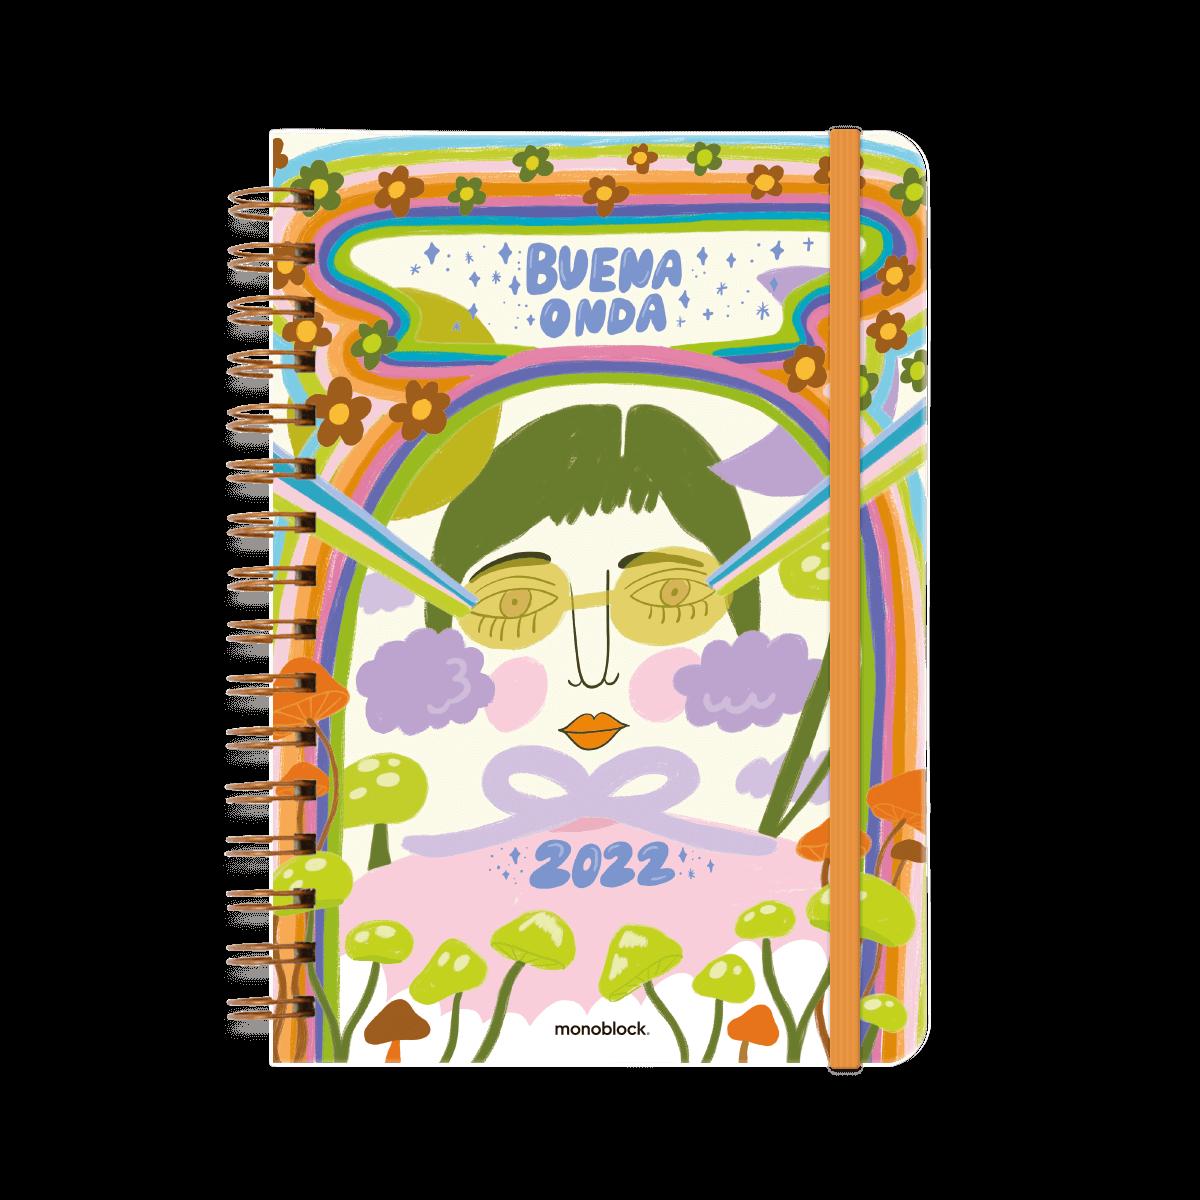 Tapa de agenda con la leyenda Buena Onda, con una ilustración central de una mujer con gafas reondeadas, arcoiris en tonos verdes, rosa, azul y celeste, con pequeñas flores y hongos sombrero.